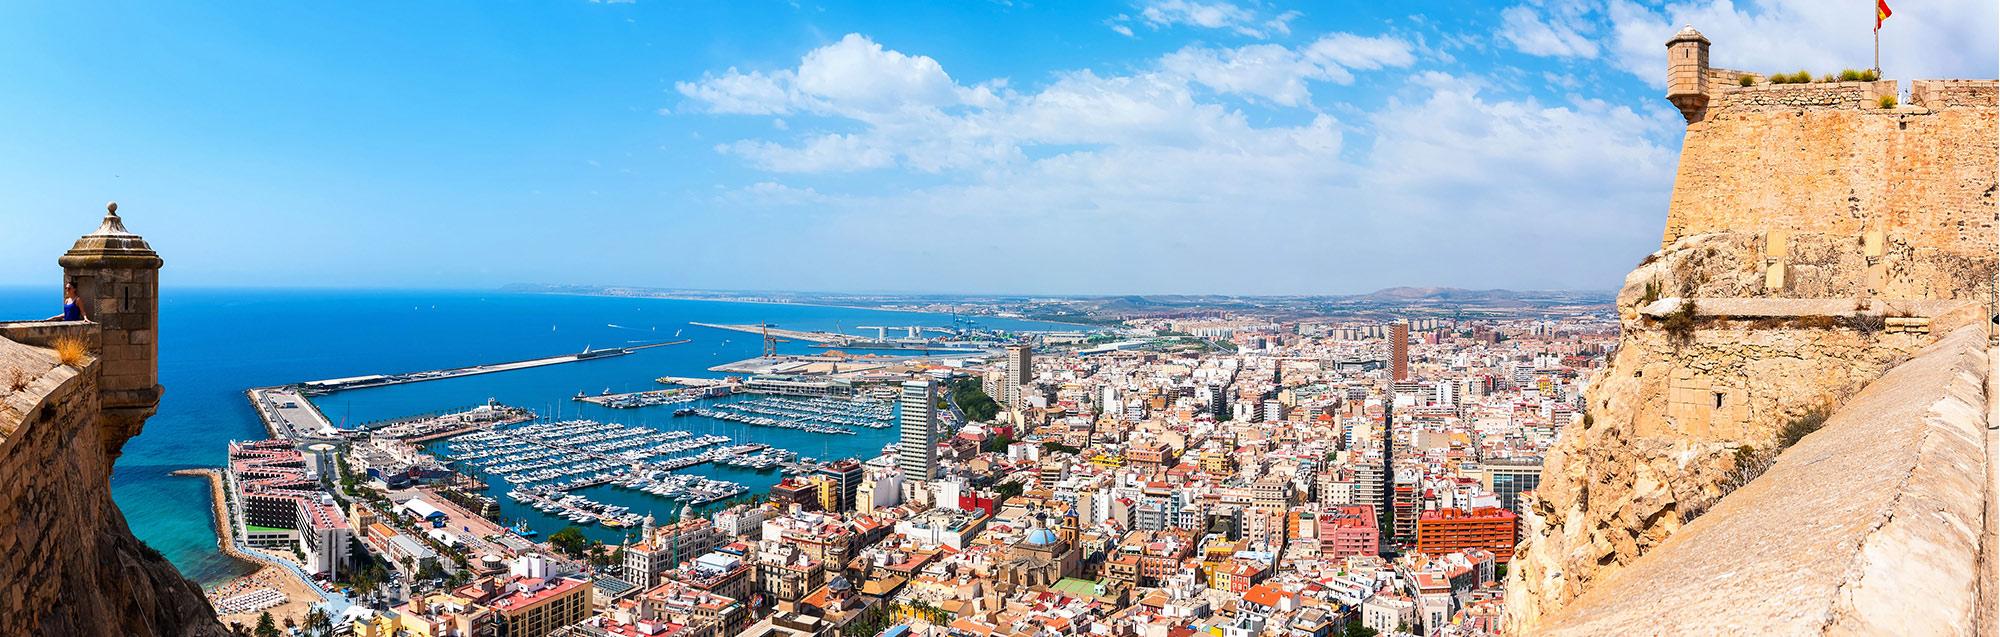 Dein Sprachkurs in einer Sprachschule Alicante